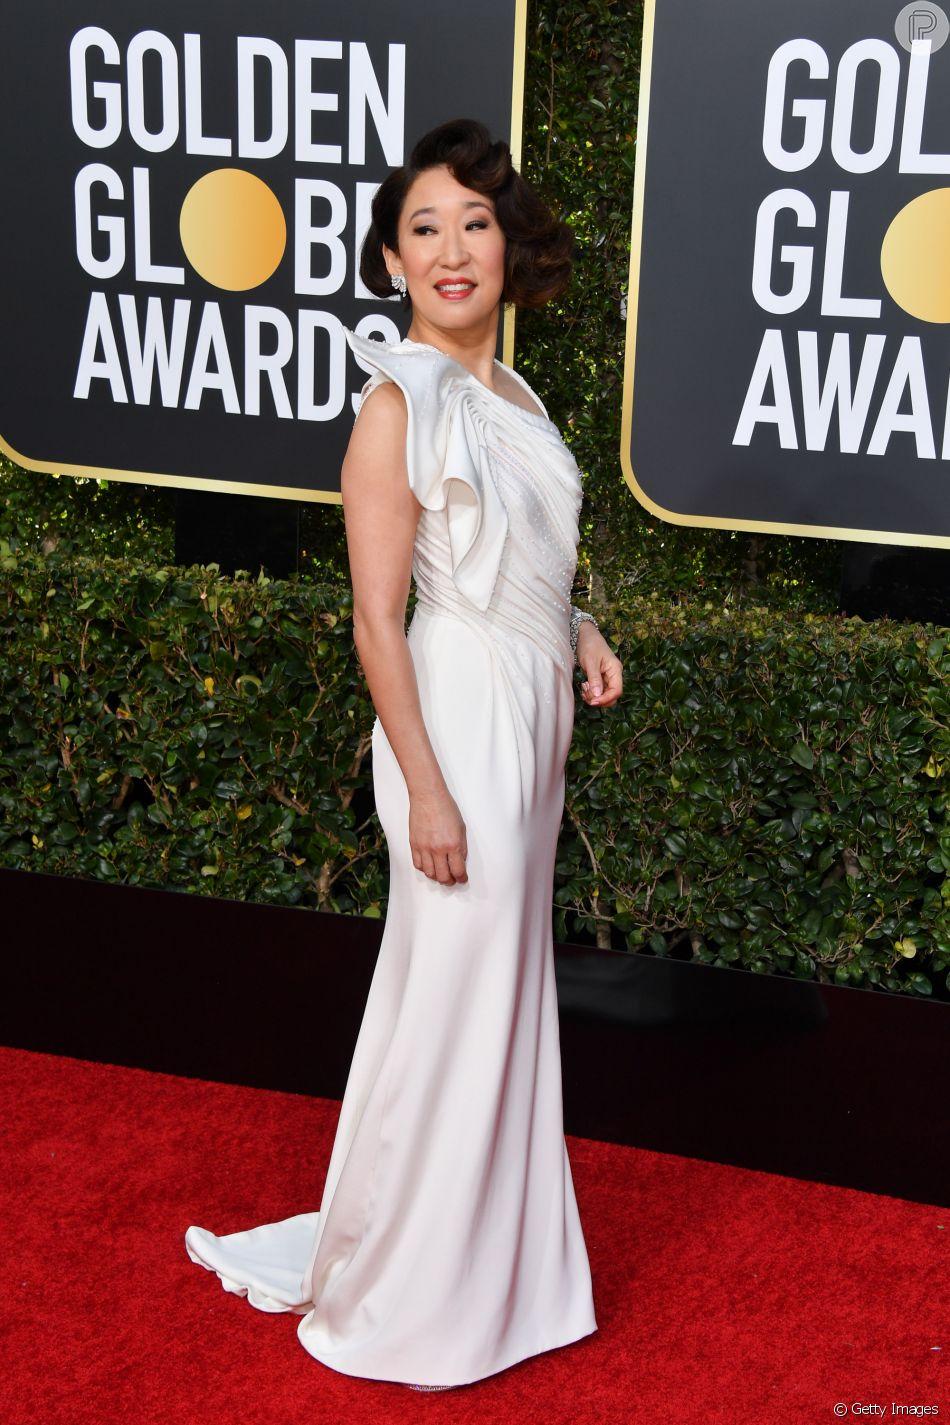 """Sandra Oh, que ganhou o prêmio de melhor atriz por série de Drama por """"Killing Eve"""", escolheu um vestido todo branco para o Globo de Ouro 2019, que aconteceu no dia 6 de janeiro de 2019"""